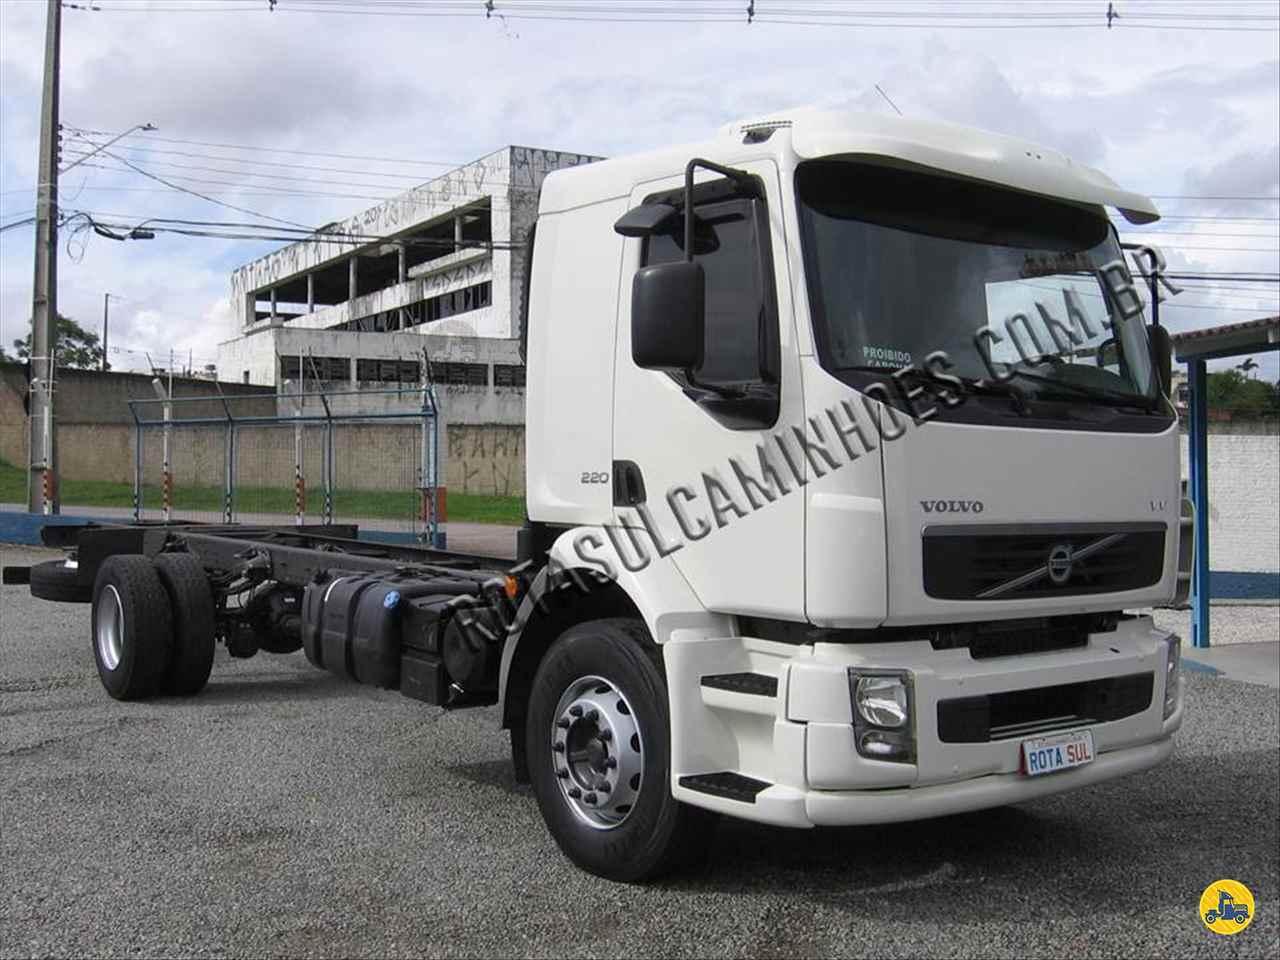 VOLVO VM 220 de Rota Sul Caminhões - CURITIBA/PR